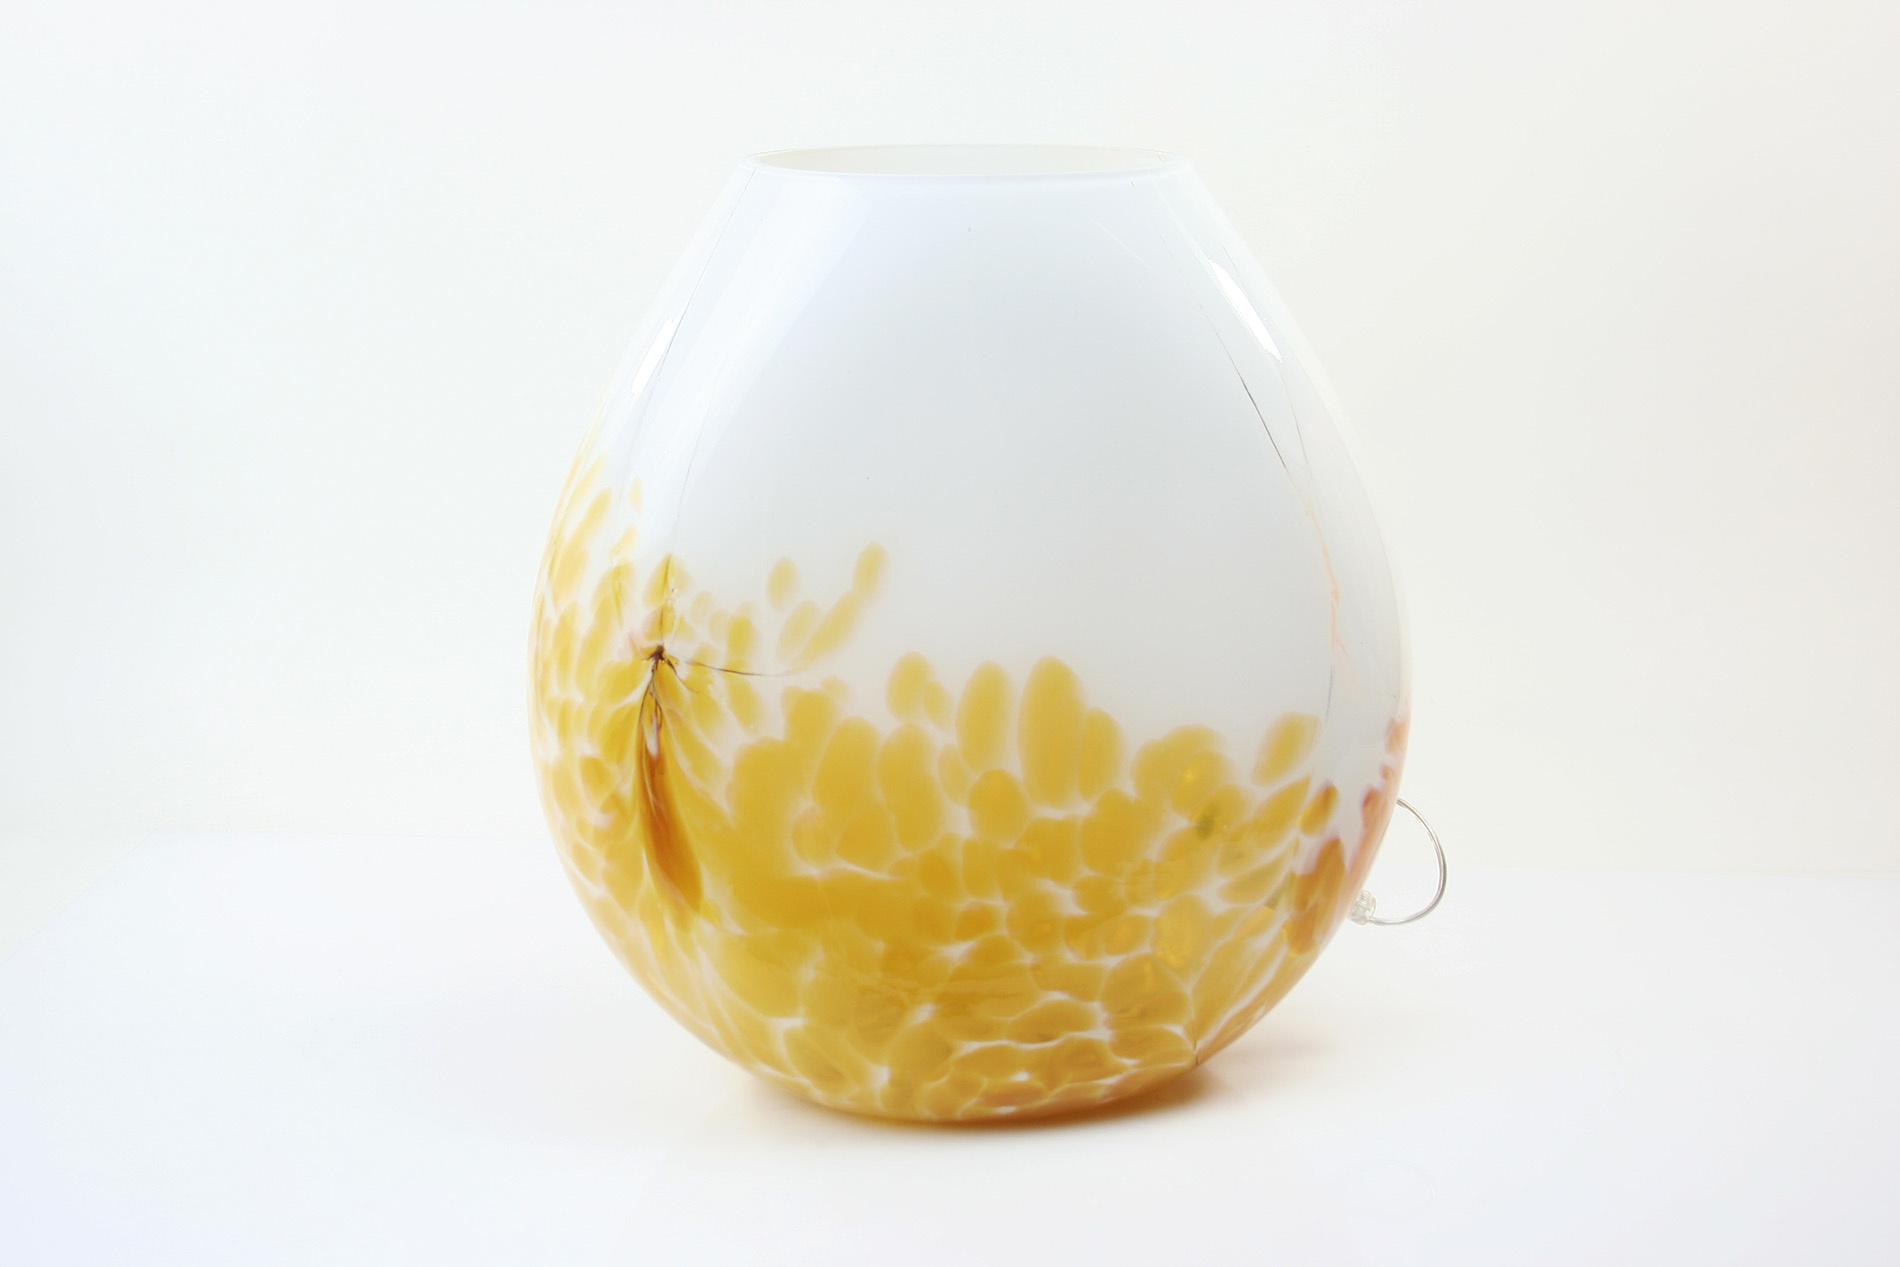 Handgemaakte lamp in ronde vorm met mooie gele accenten.